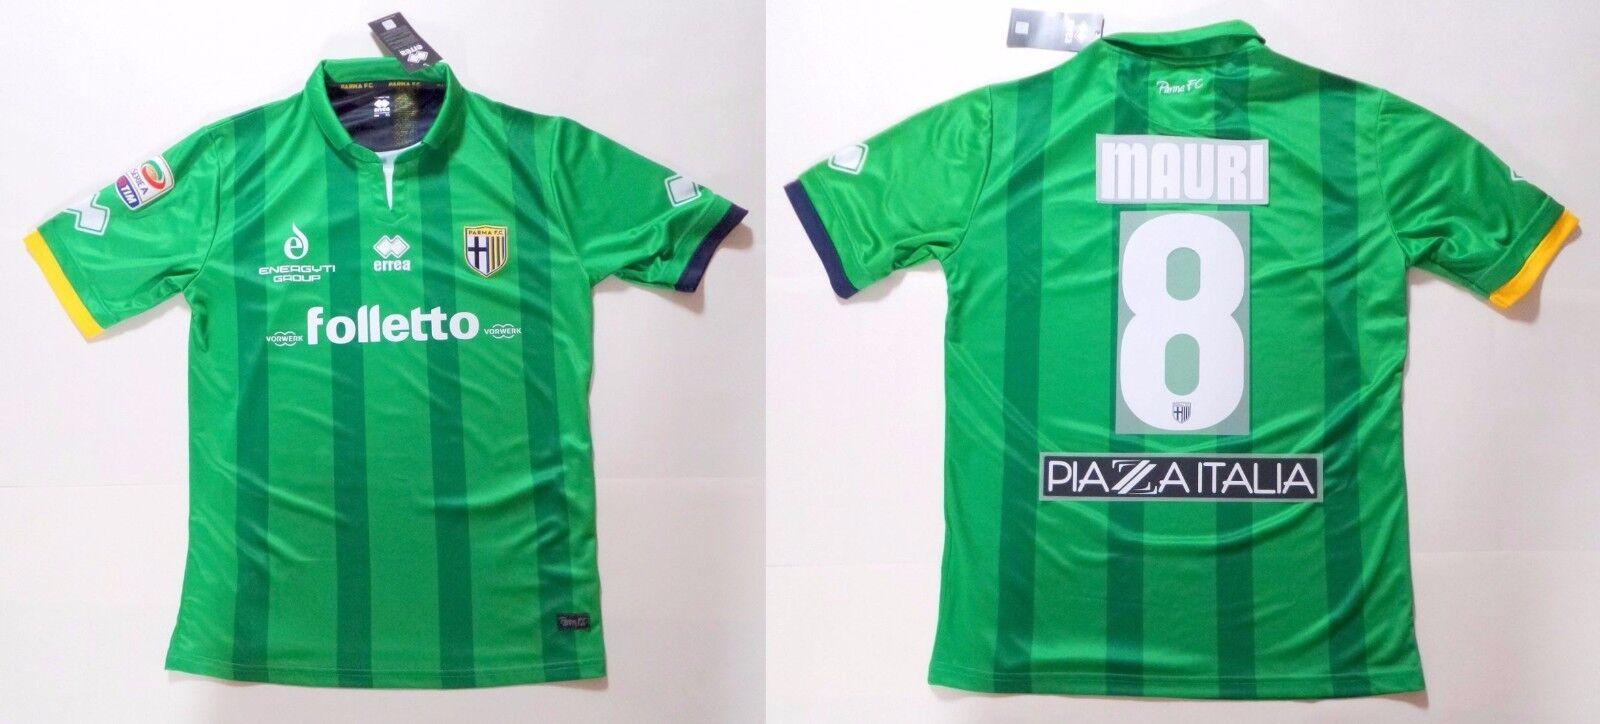 Parma Juventus Errea Mauri 8 Offiziell Match Jersey T-Shirt Wettspiel Issue